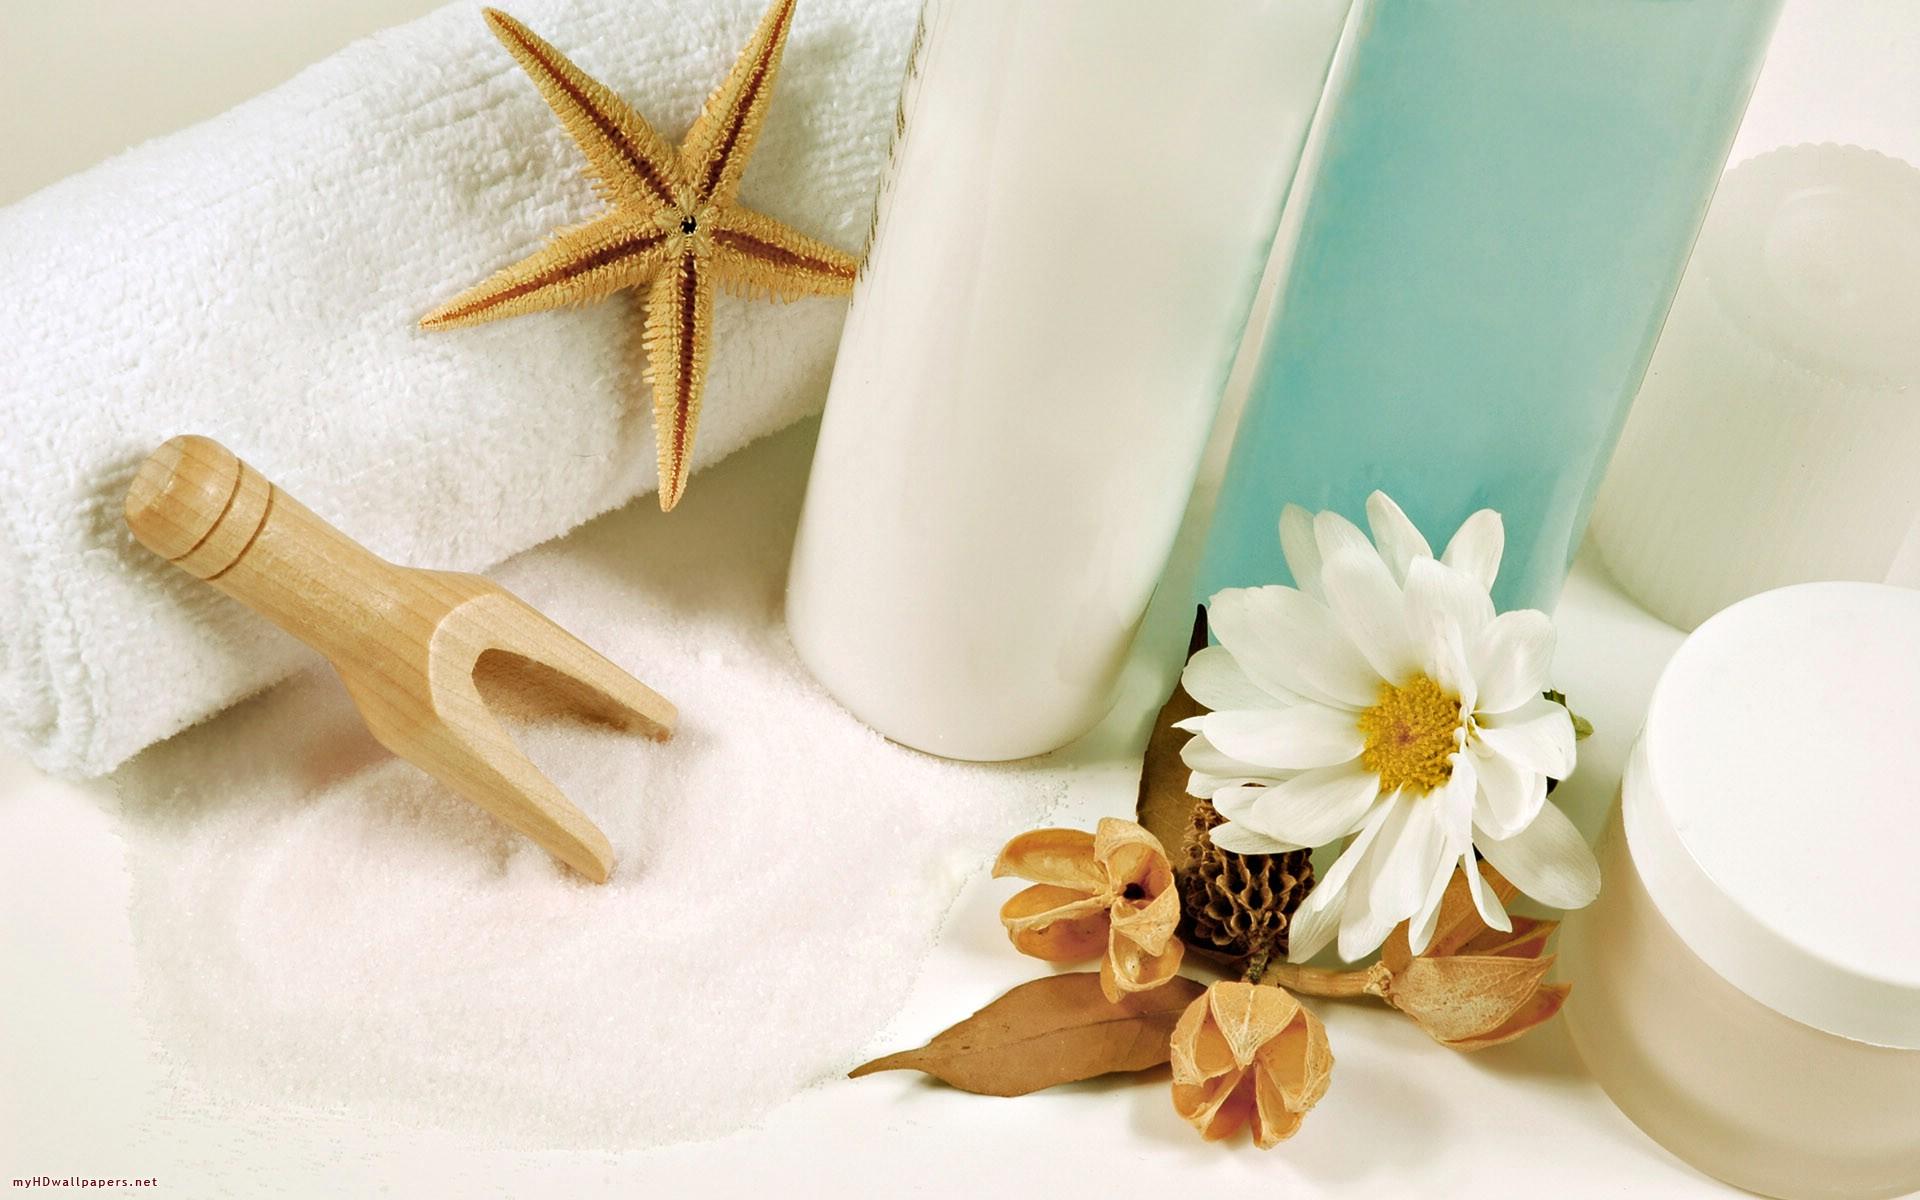 spa-beige-treatment-free-desktop-hd-306662